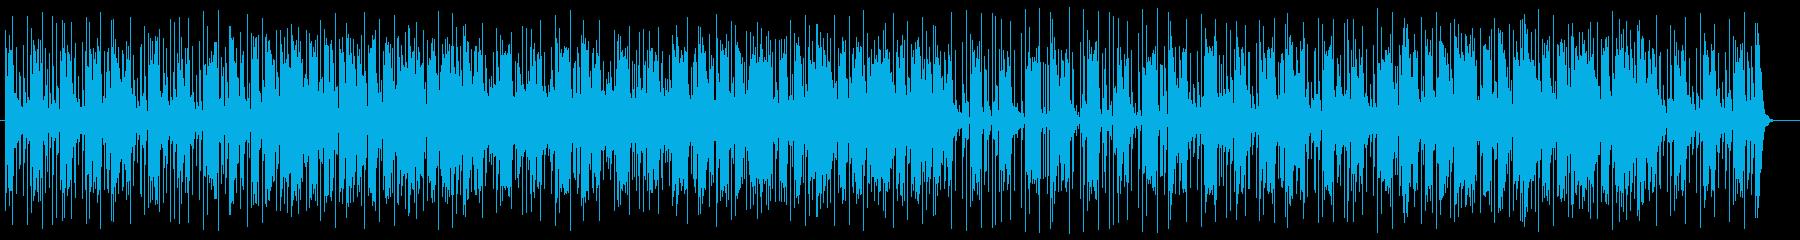 和風でメローな三味線サウンドの再生済みの波形